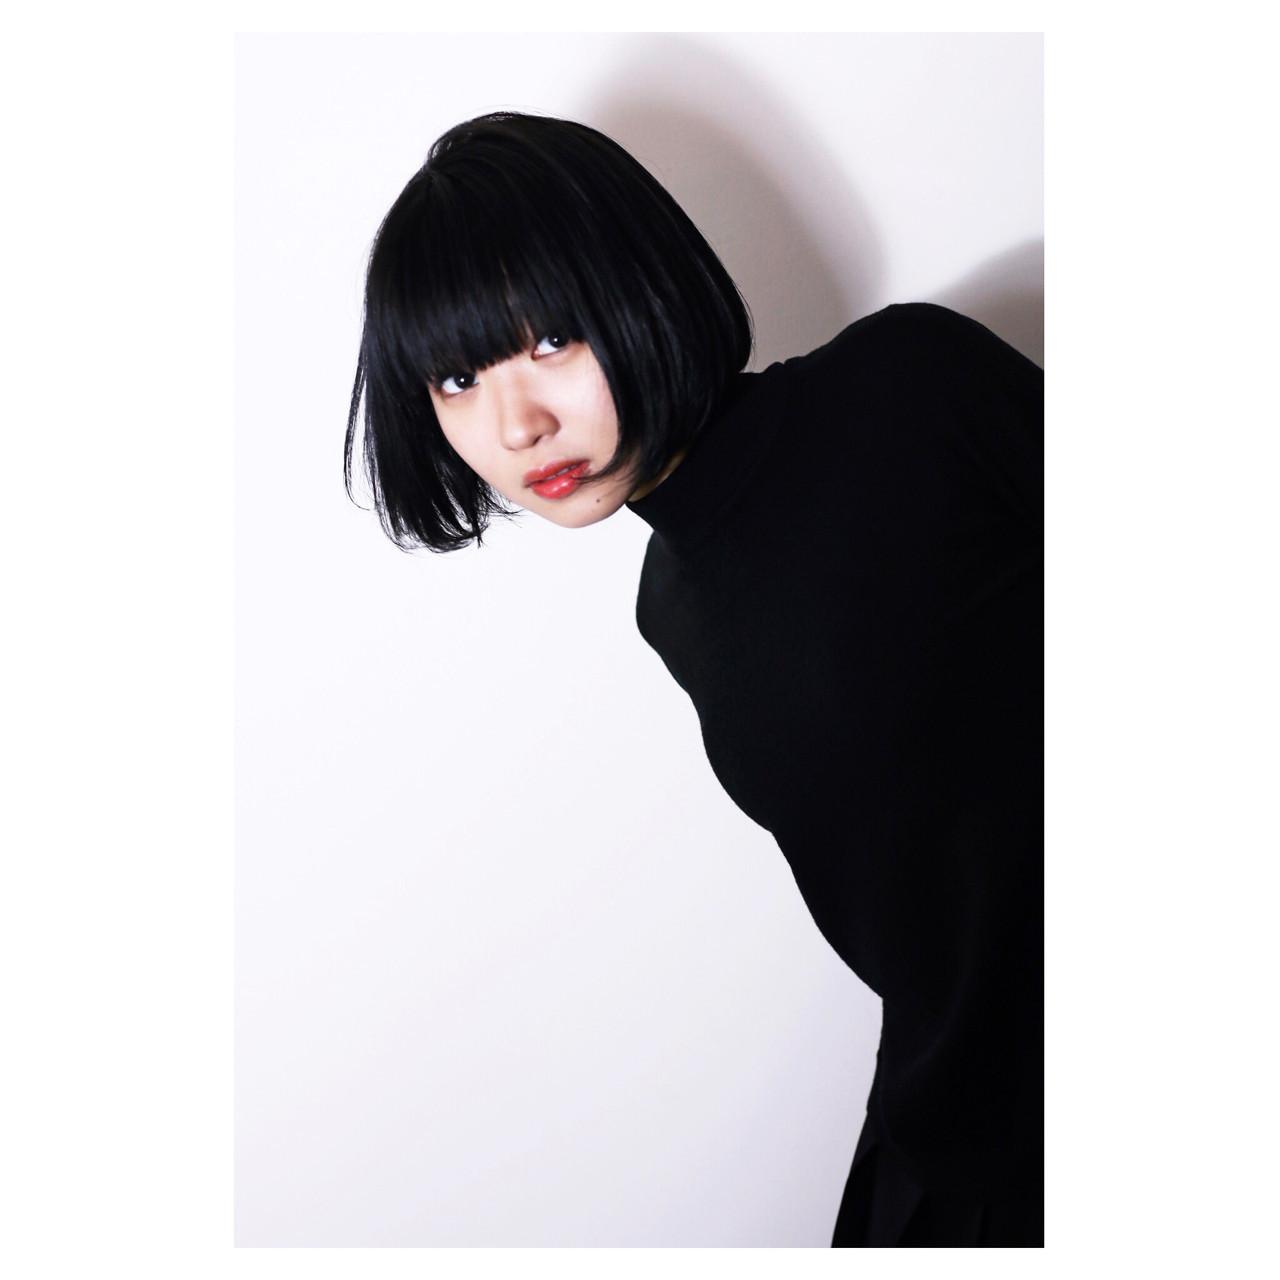 黒髪×前髪ぱっつんボブでクールな女性に大変身! ショート職人 伊藤修久 【#tag】 | 株)92 #tag